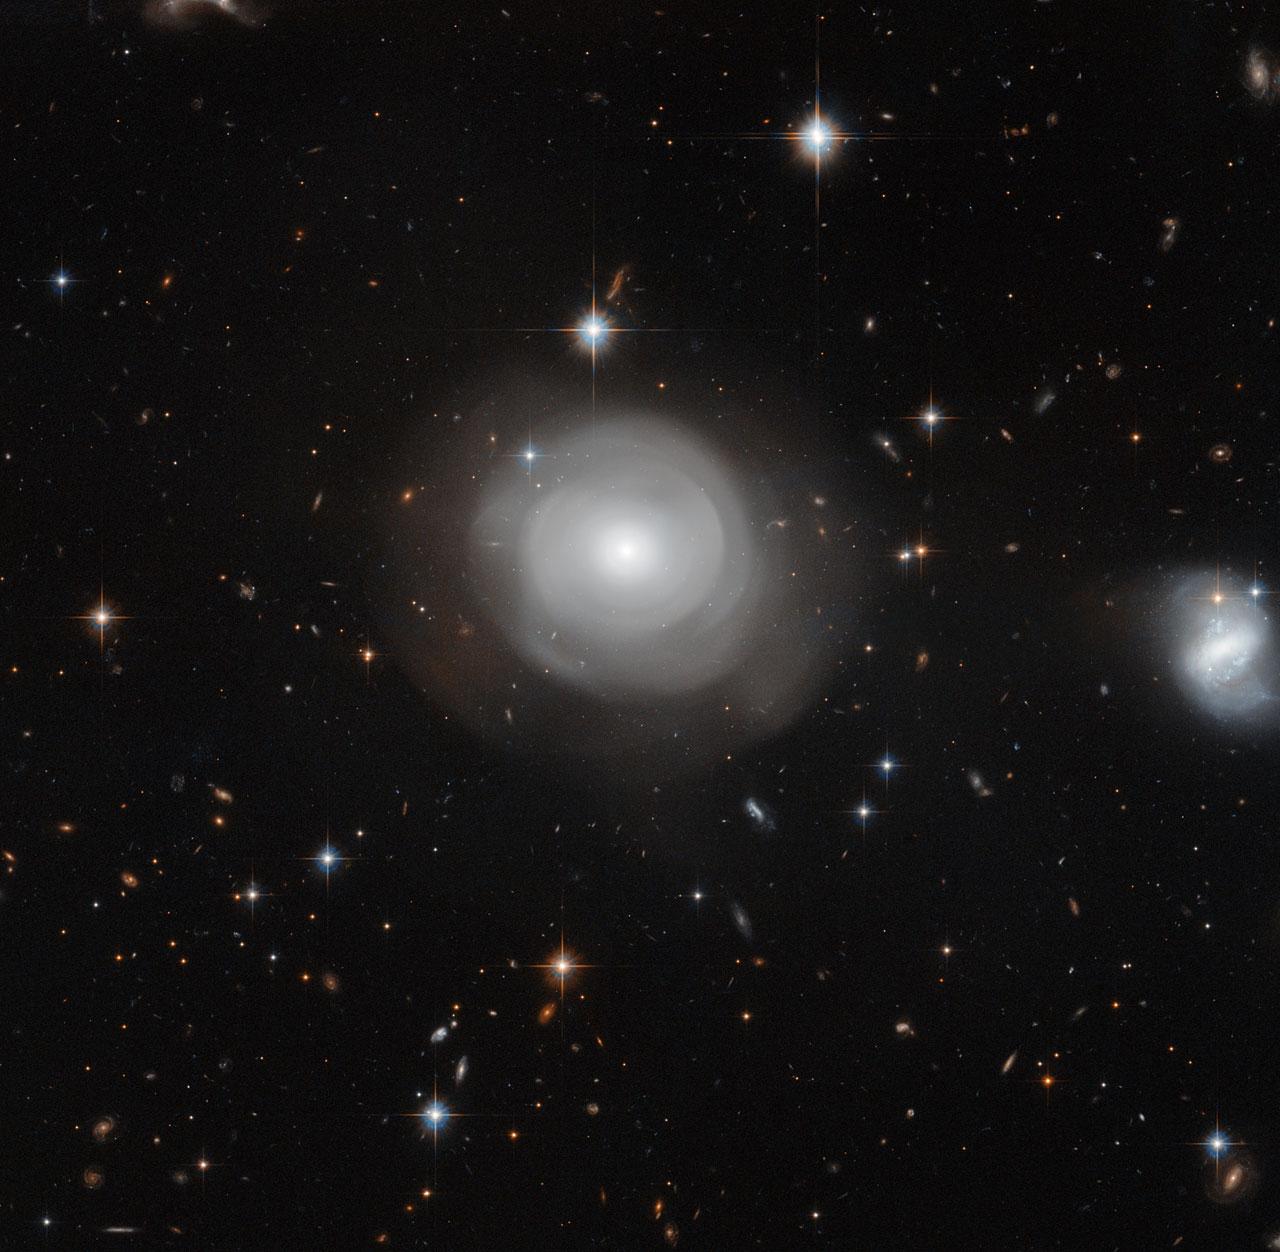 ESO 381-12 bloom galaxy